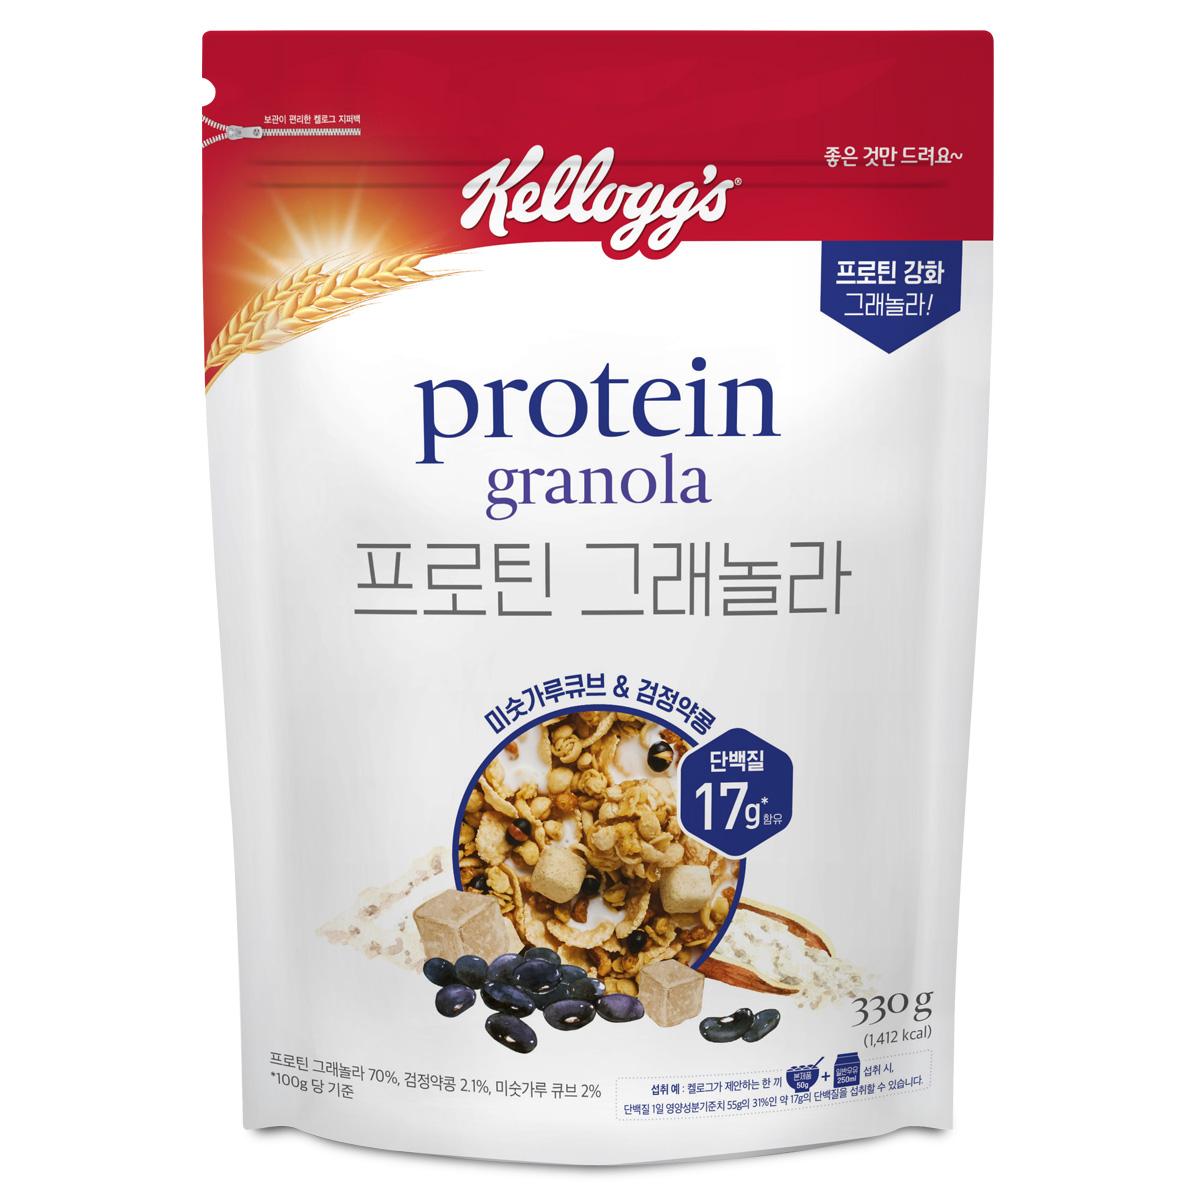 켈로그 프로틴그래놀라 미숫가루앤검정약콩, 330g, 300개입